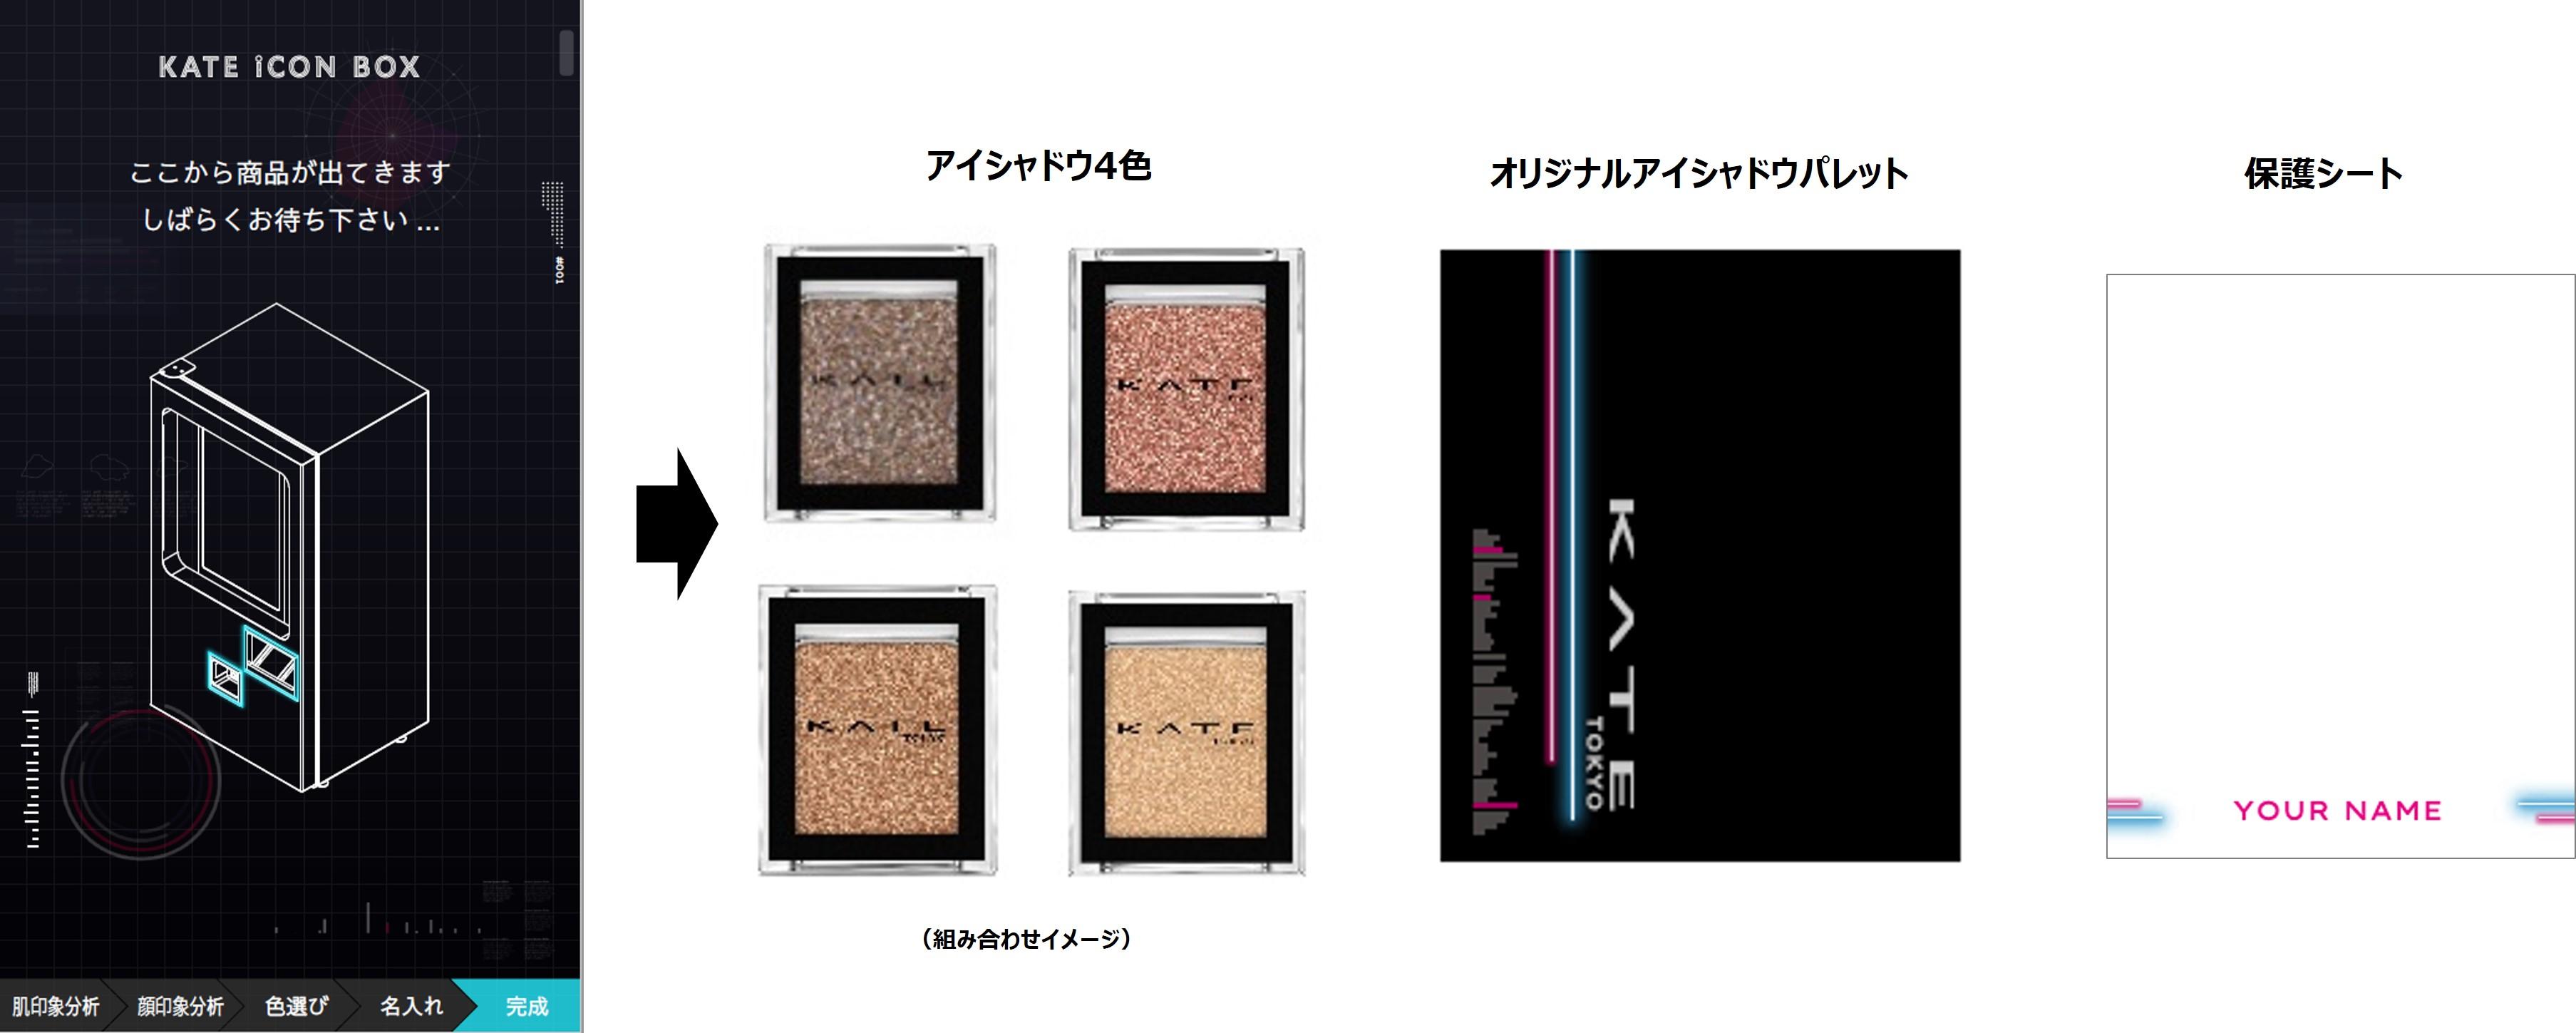 kate-icon-box13-2